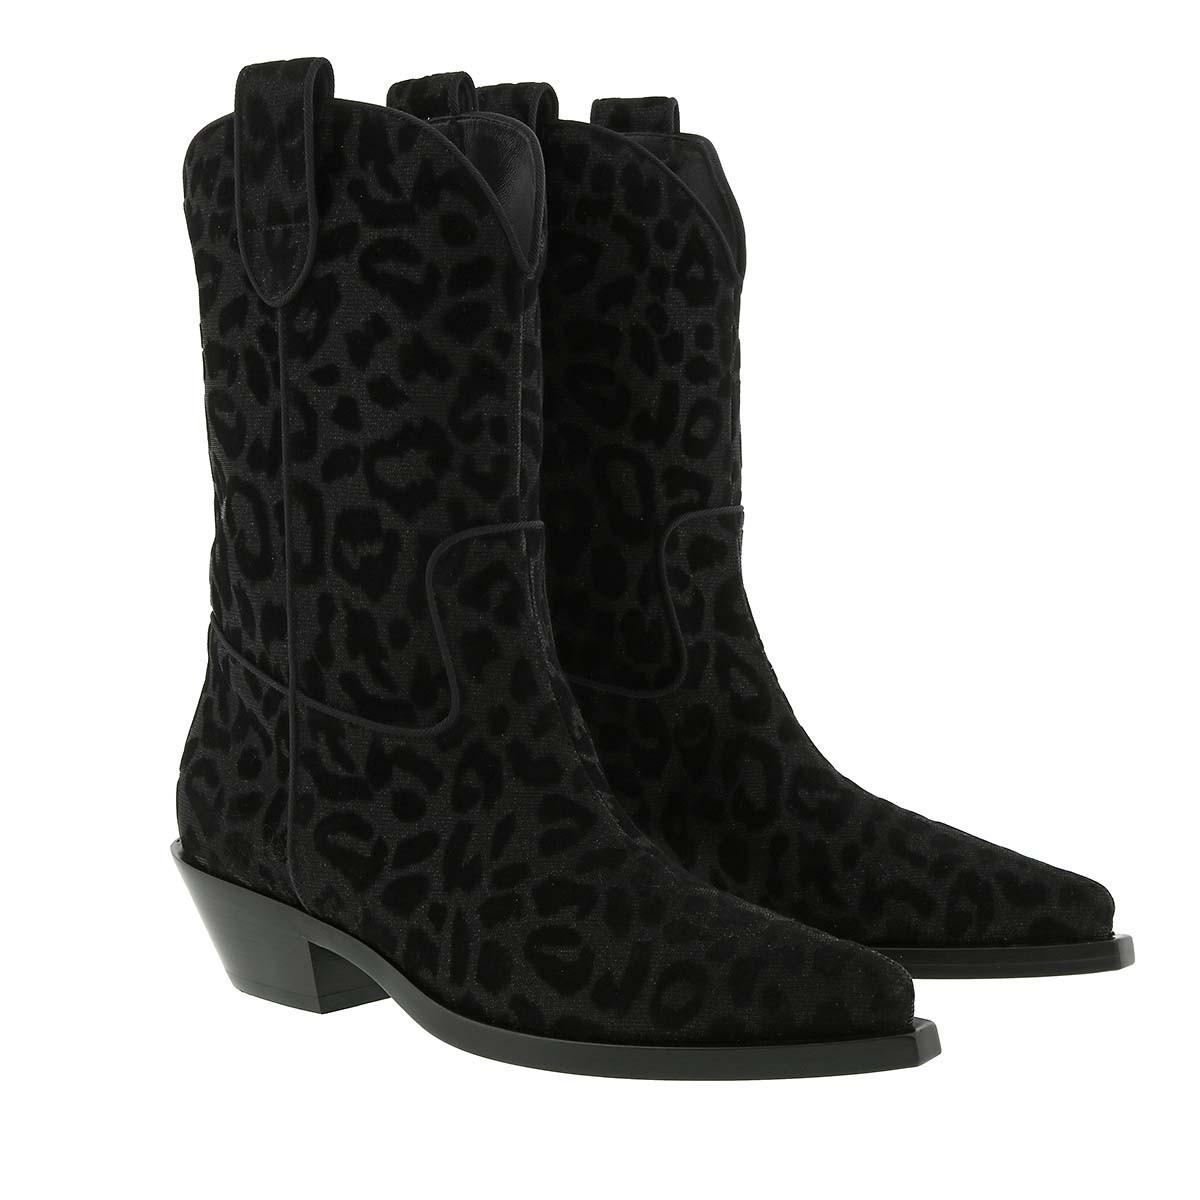 Dolce&Gabbana Boots - Texano Boots Nero - in schwarz - für Damen